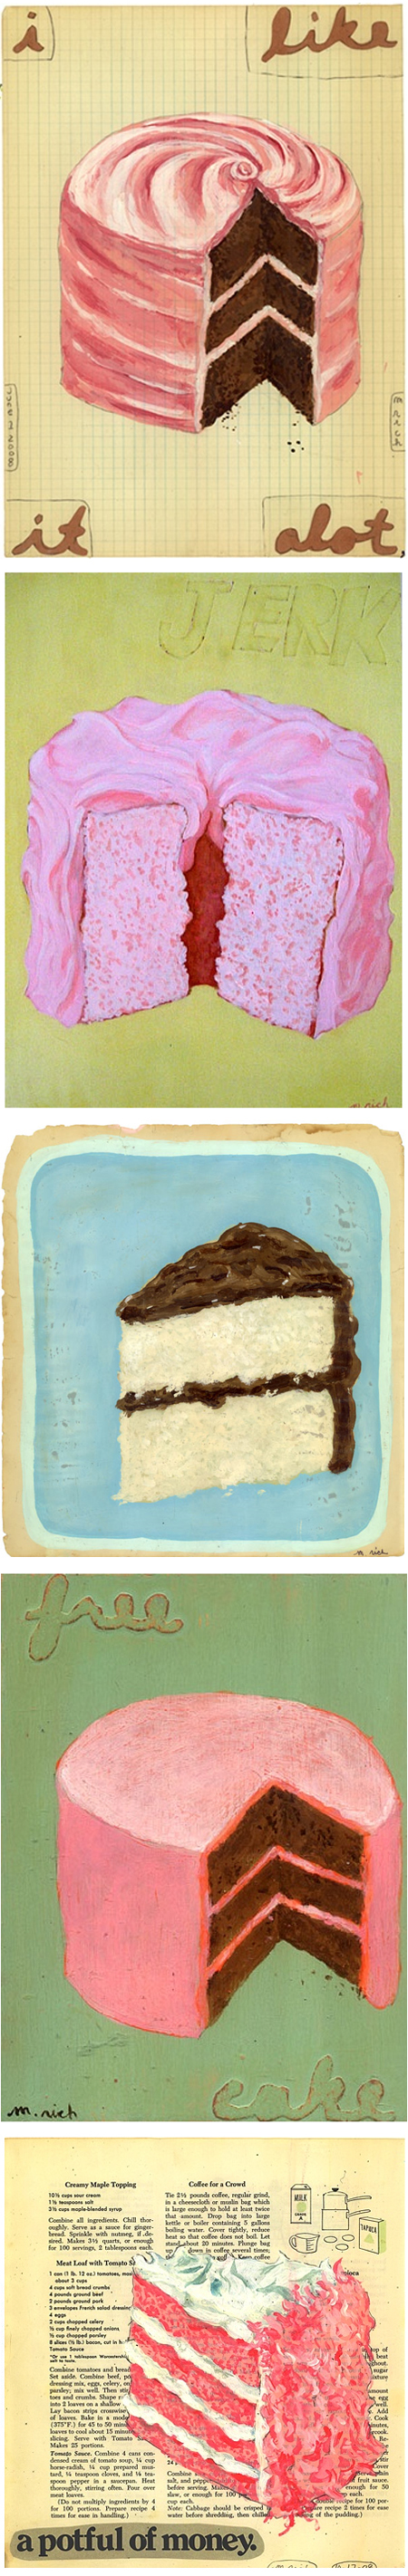 martha_rich_cake